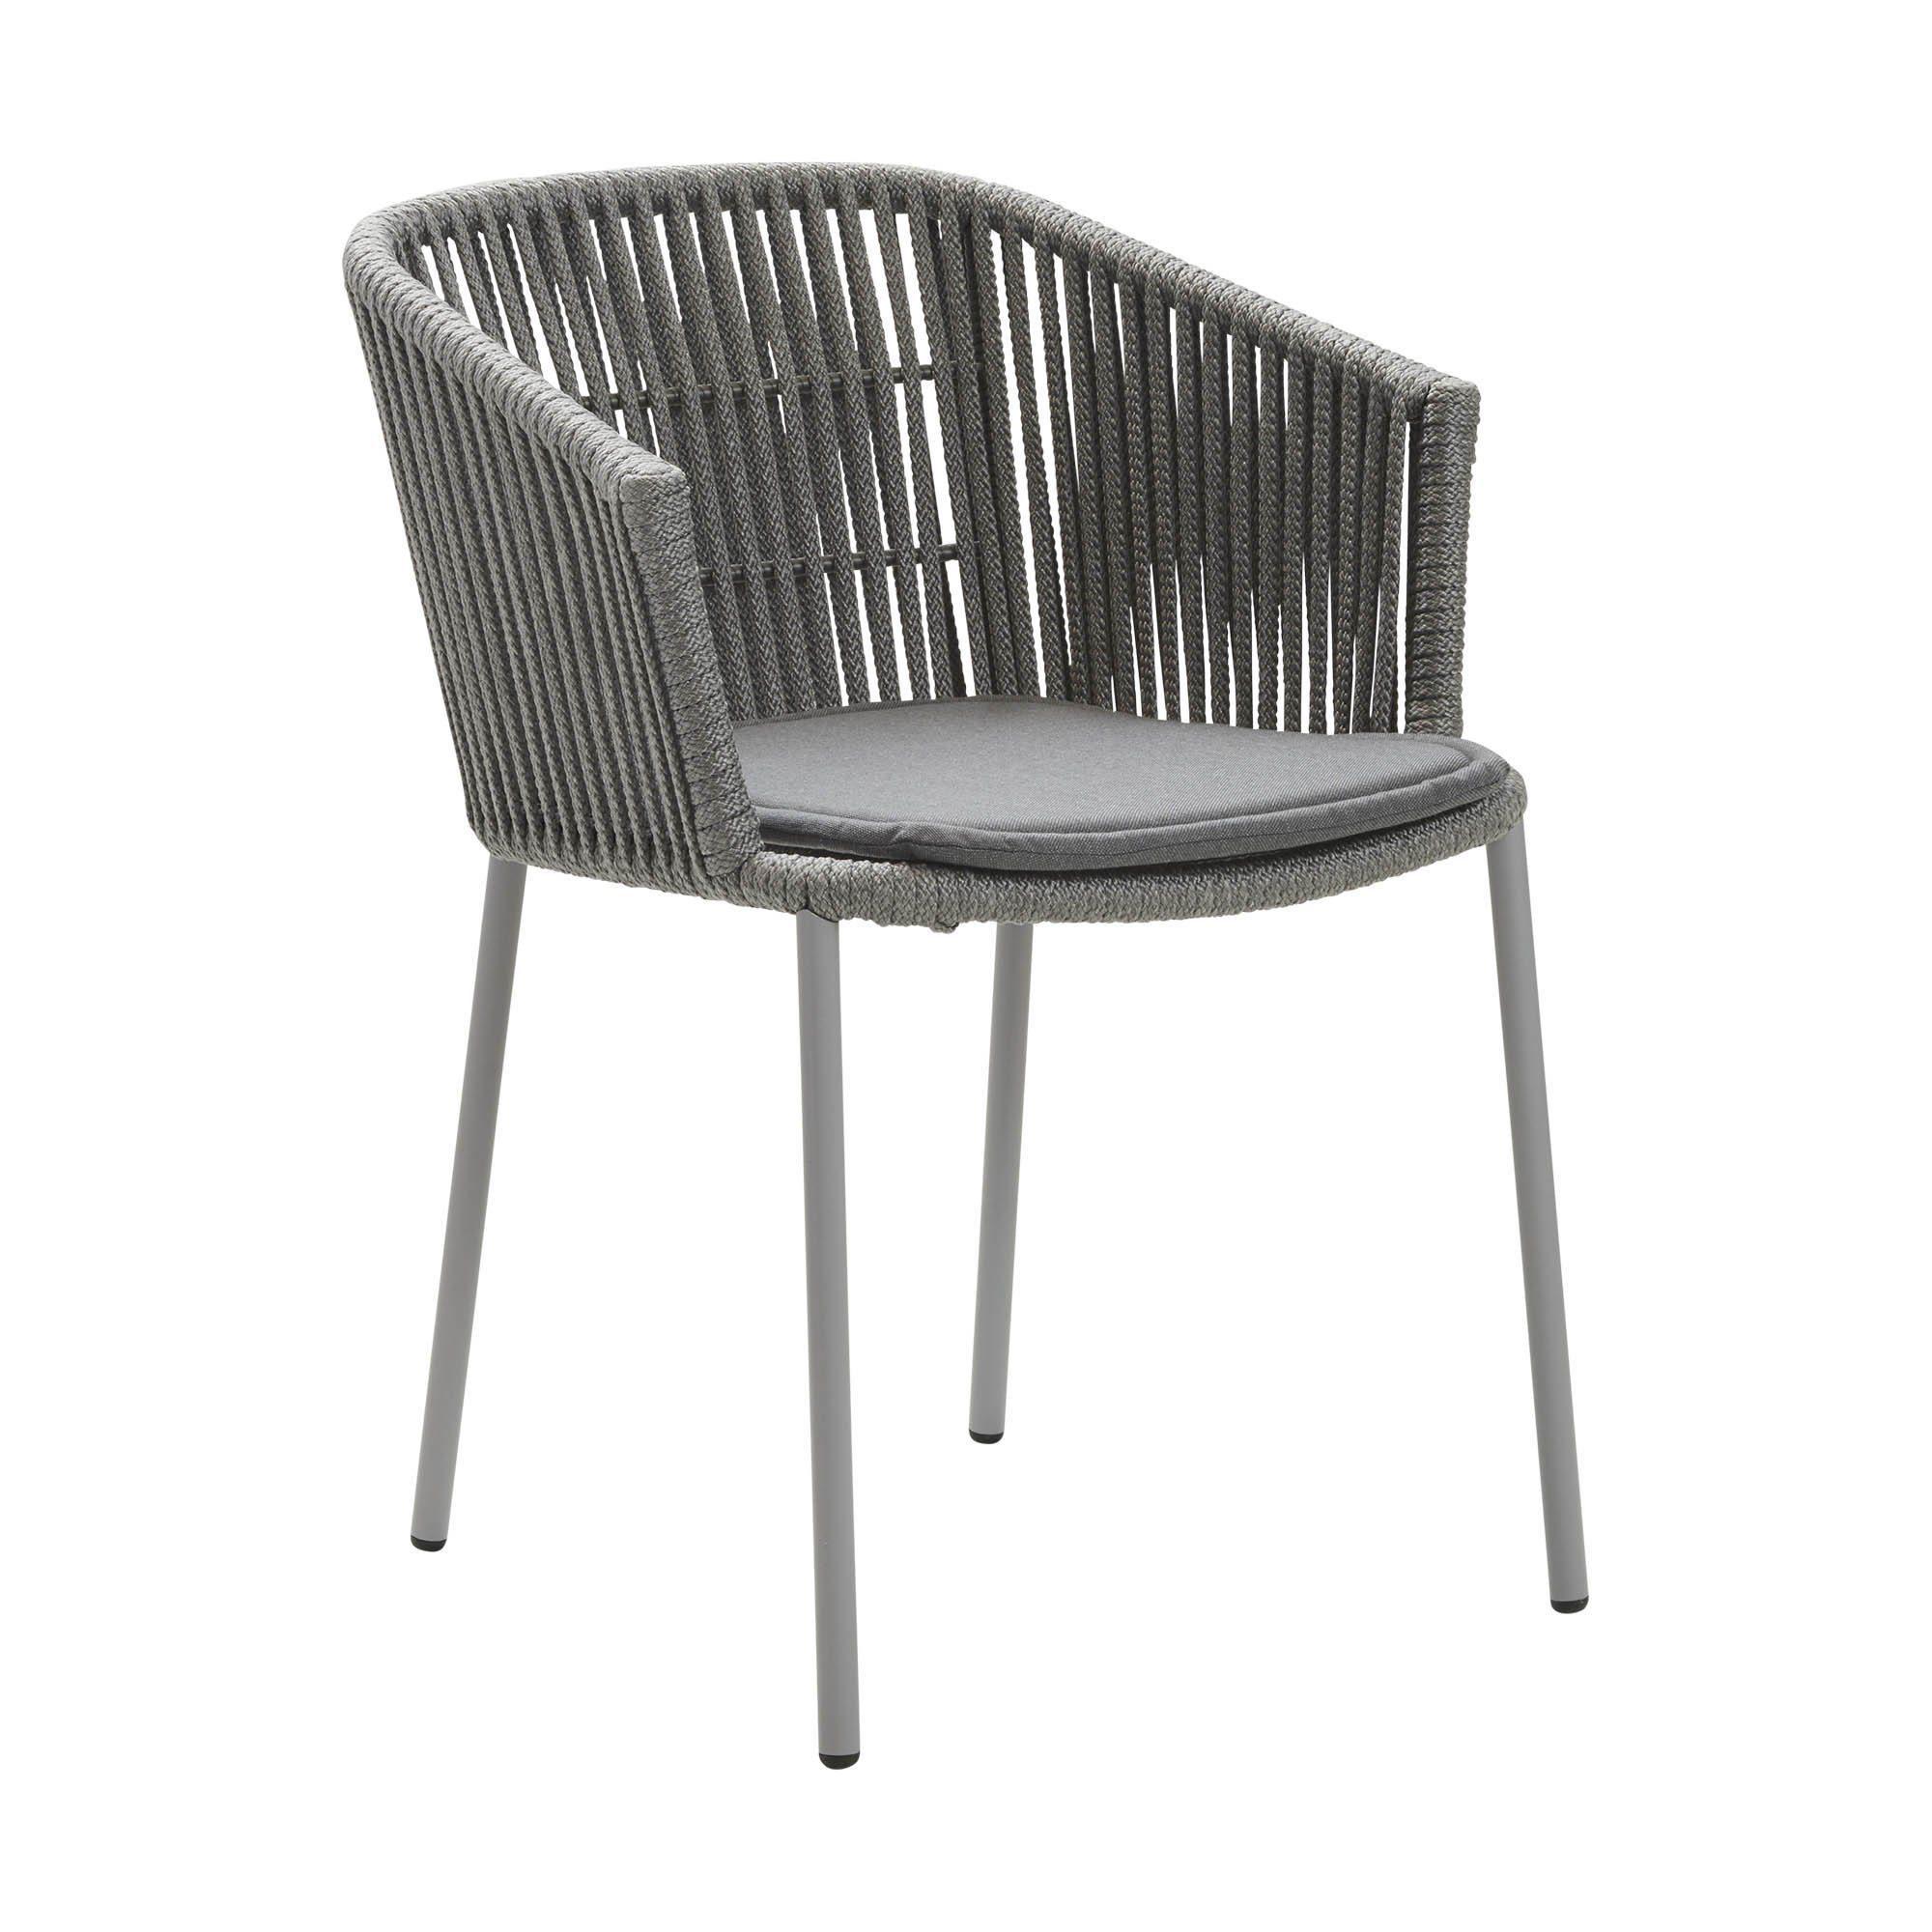 Moments karmstol med grå sittdyna från Cane-Line.